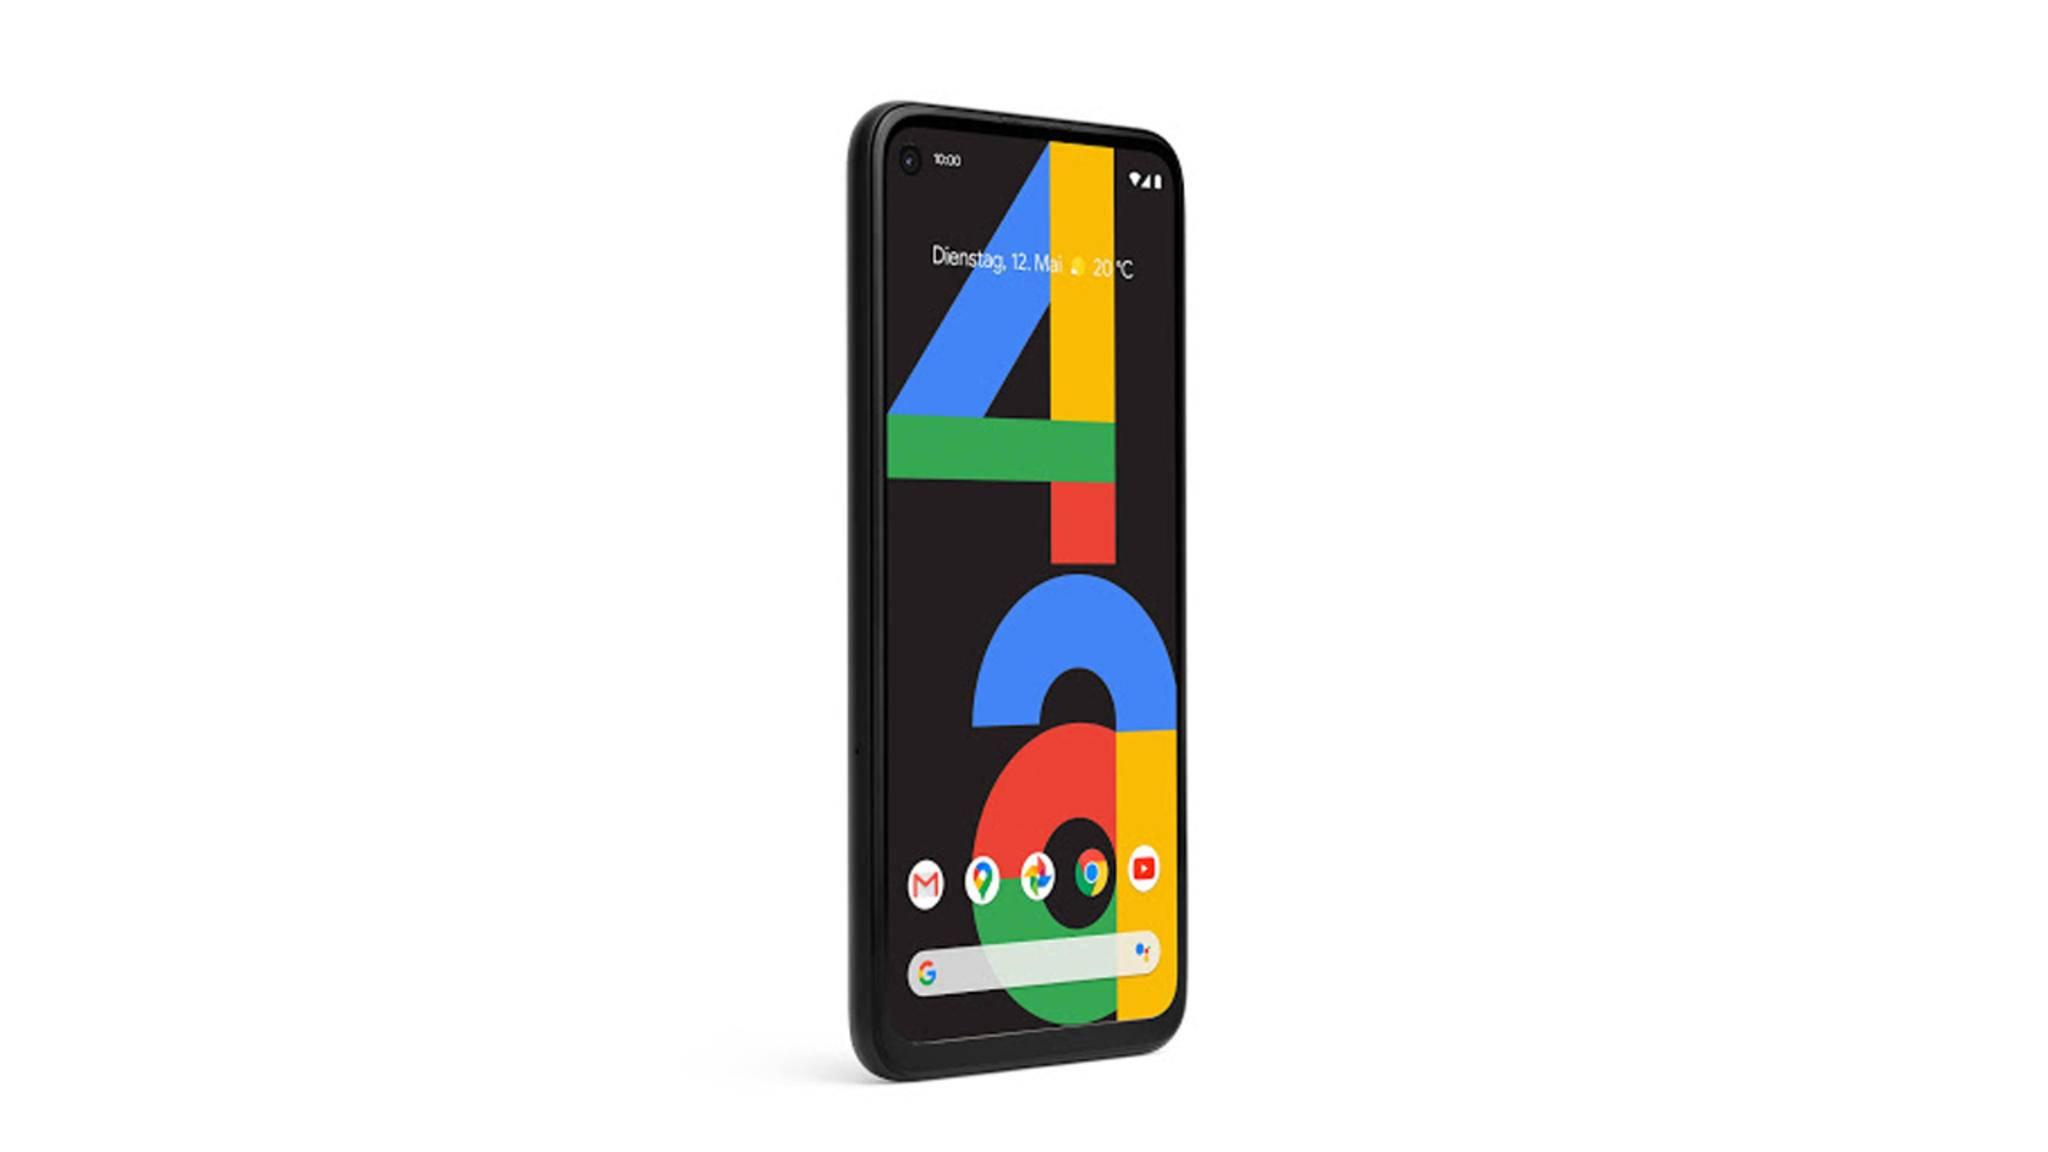 Das Pixel 4a kommt am 1. Oktober in den Handel.